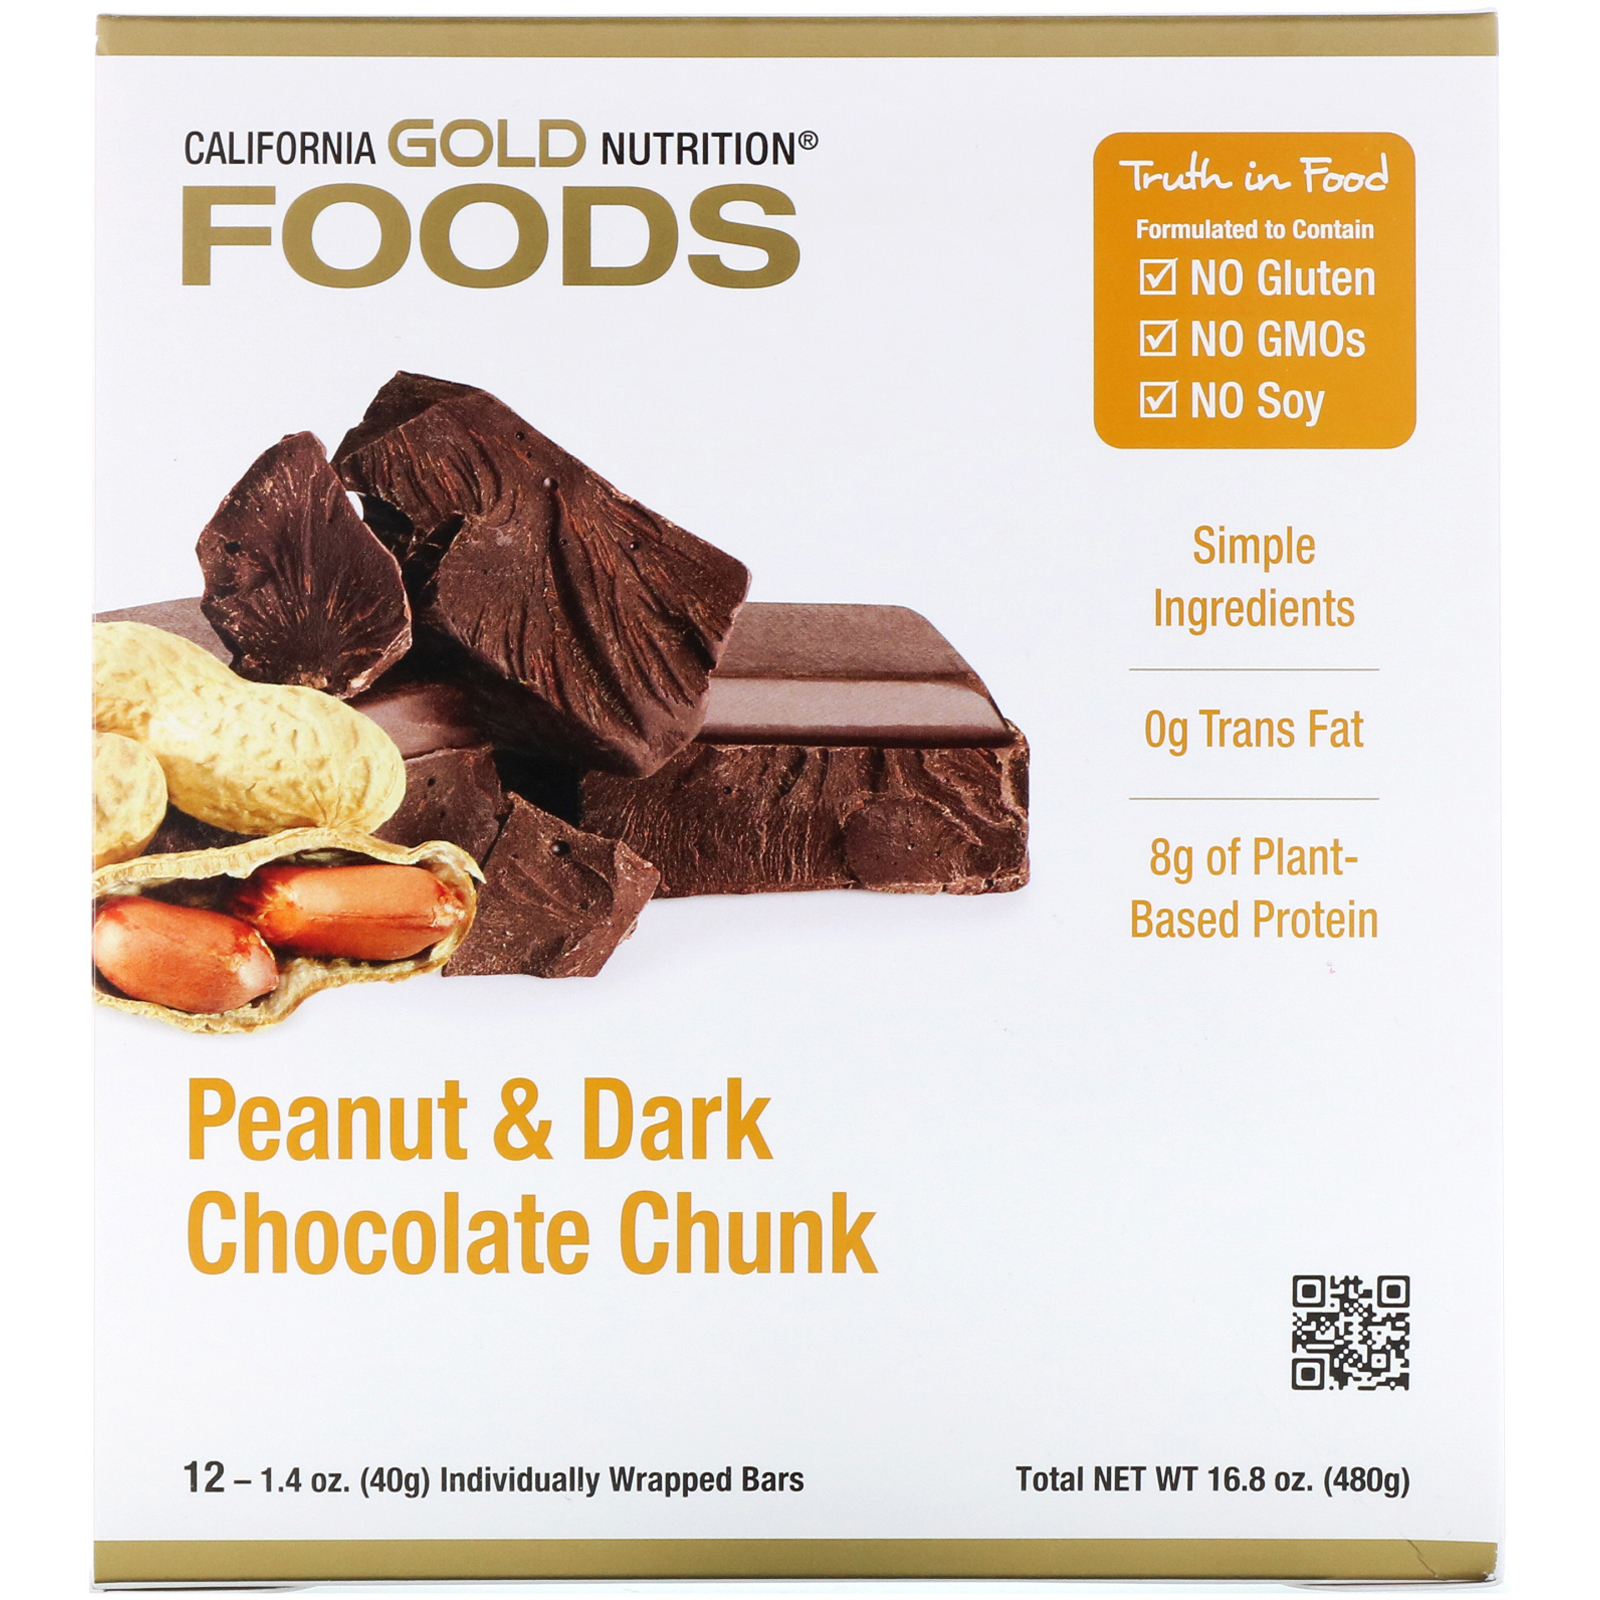 カリフォルニアゴールドニュートリションのピーナッツ&ダークチョコレート